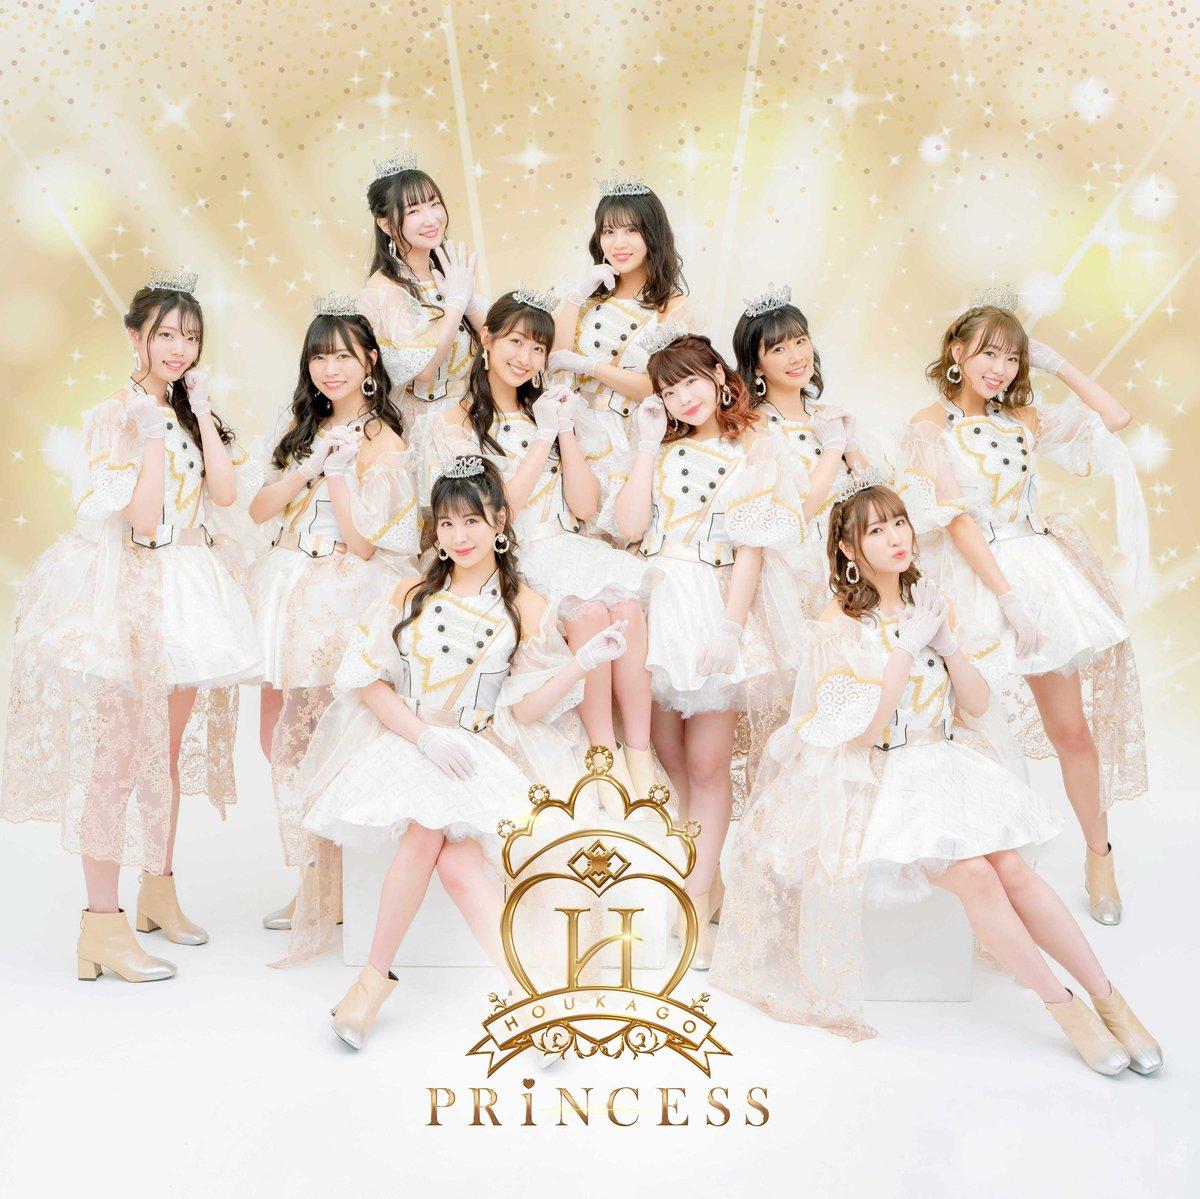 Houkago Princess